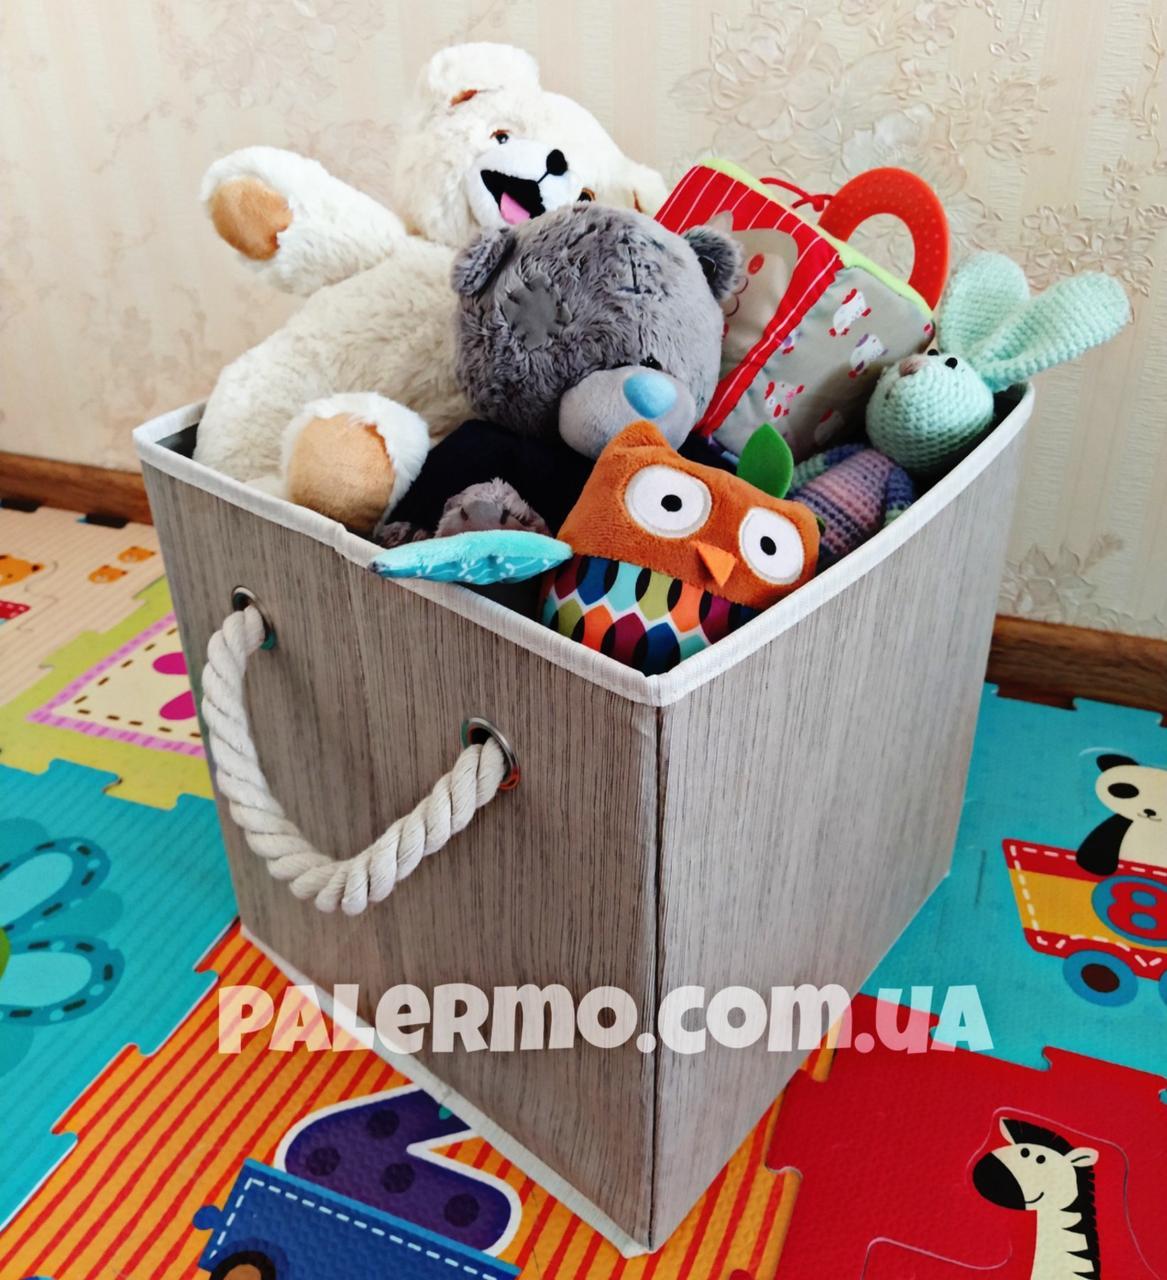 Короб складаний для іграшок з ручками-канатами, органайзер 27*27*27см